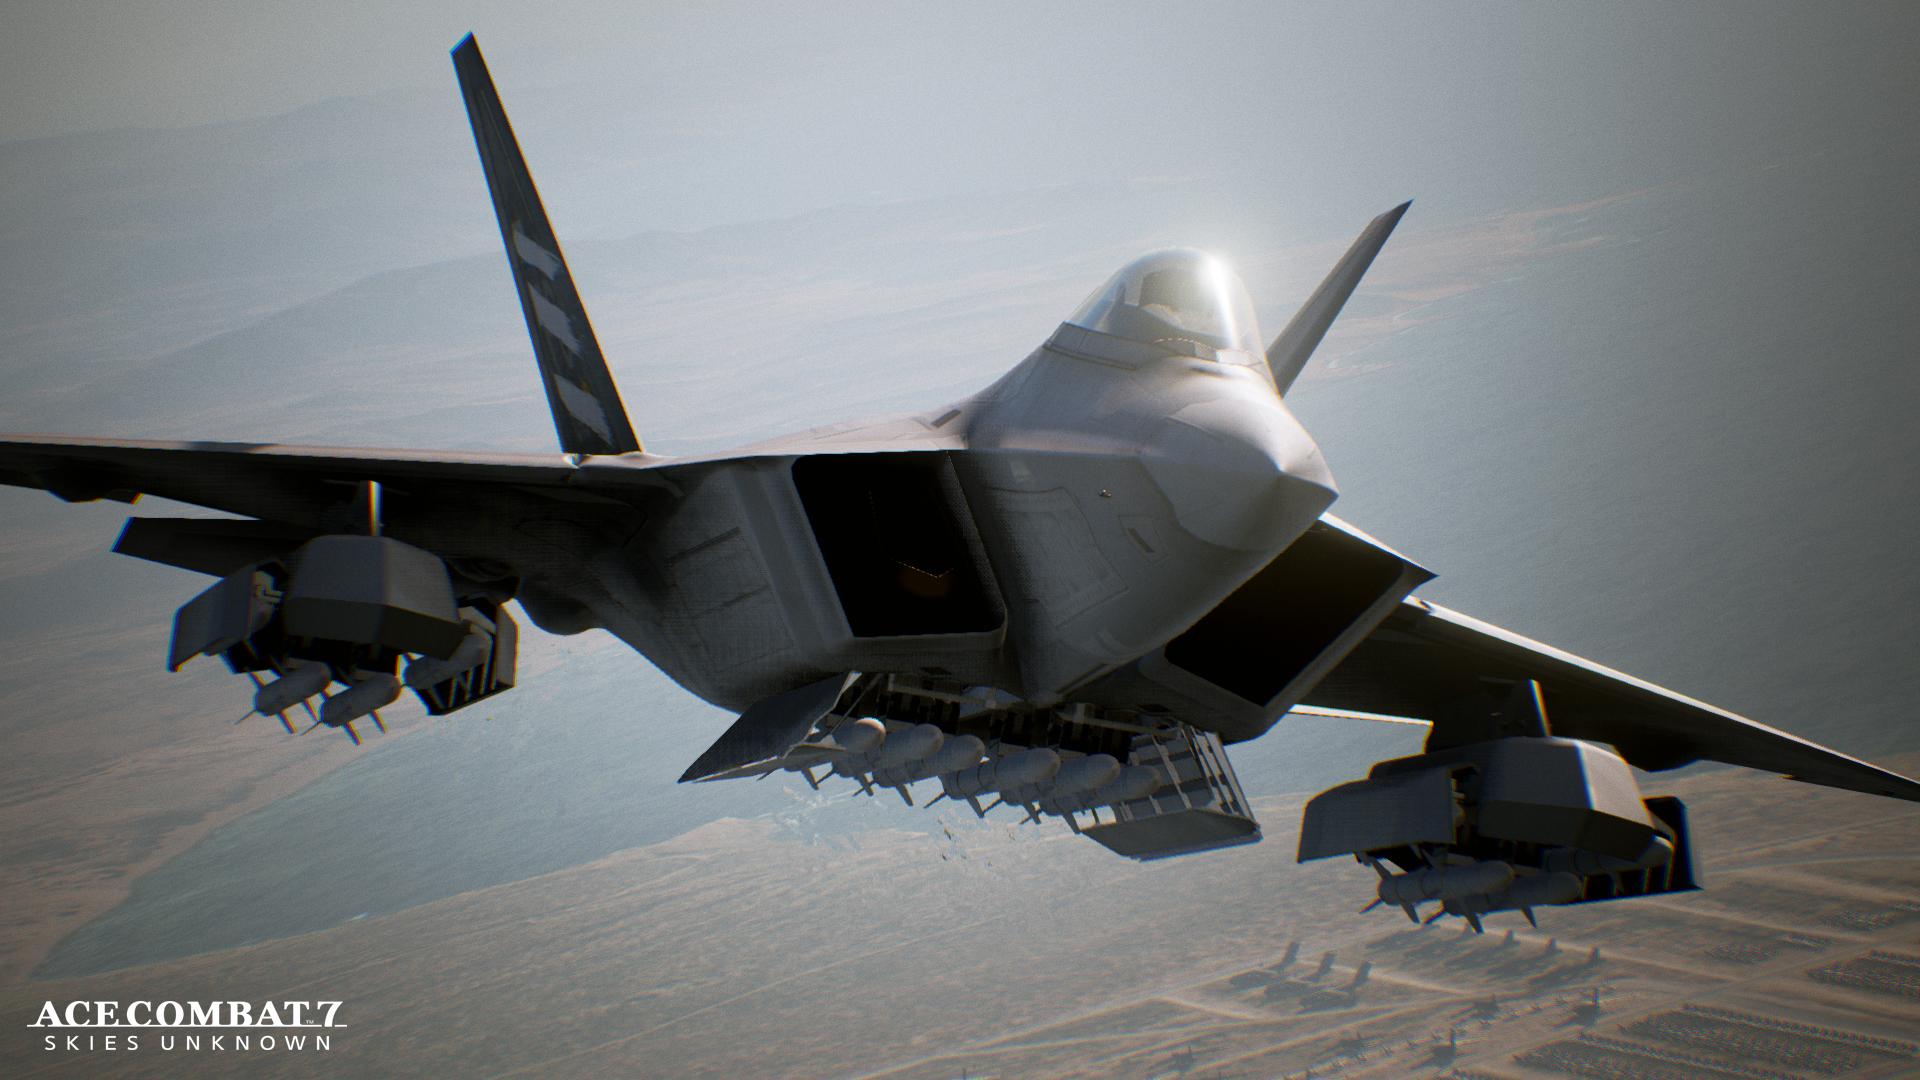 ace-combat-7-skies-unknown-no-llegara-este-ano-estaba-planeado-frikigamers.com